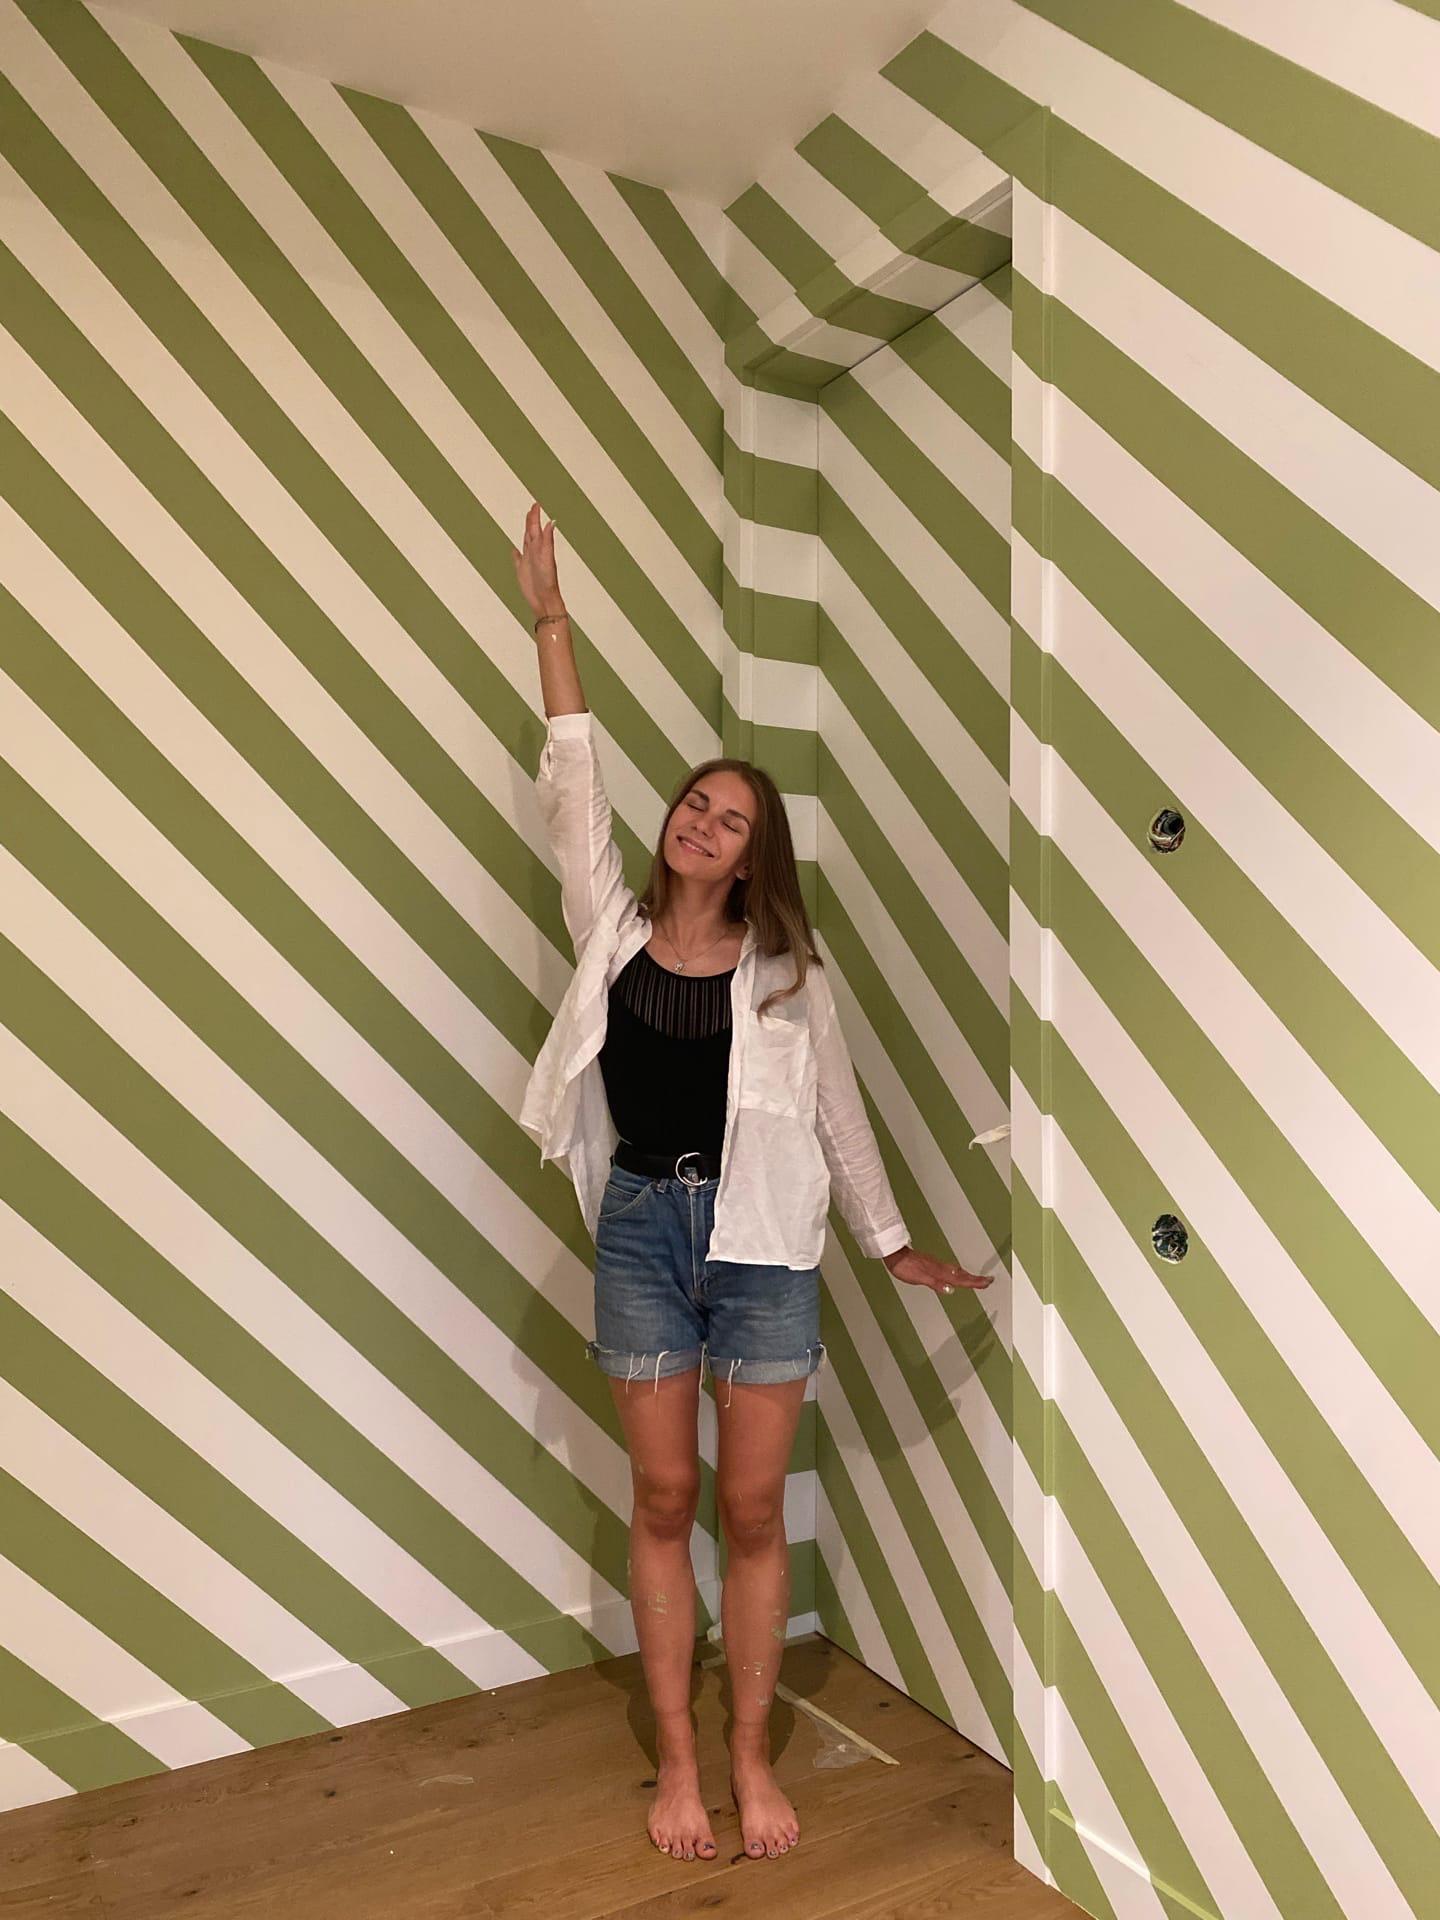 геометрические линии на стене